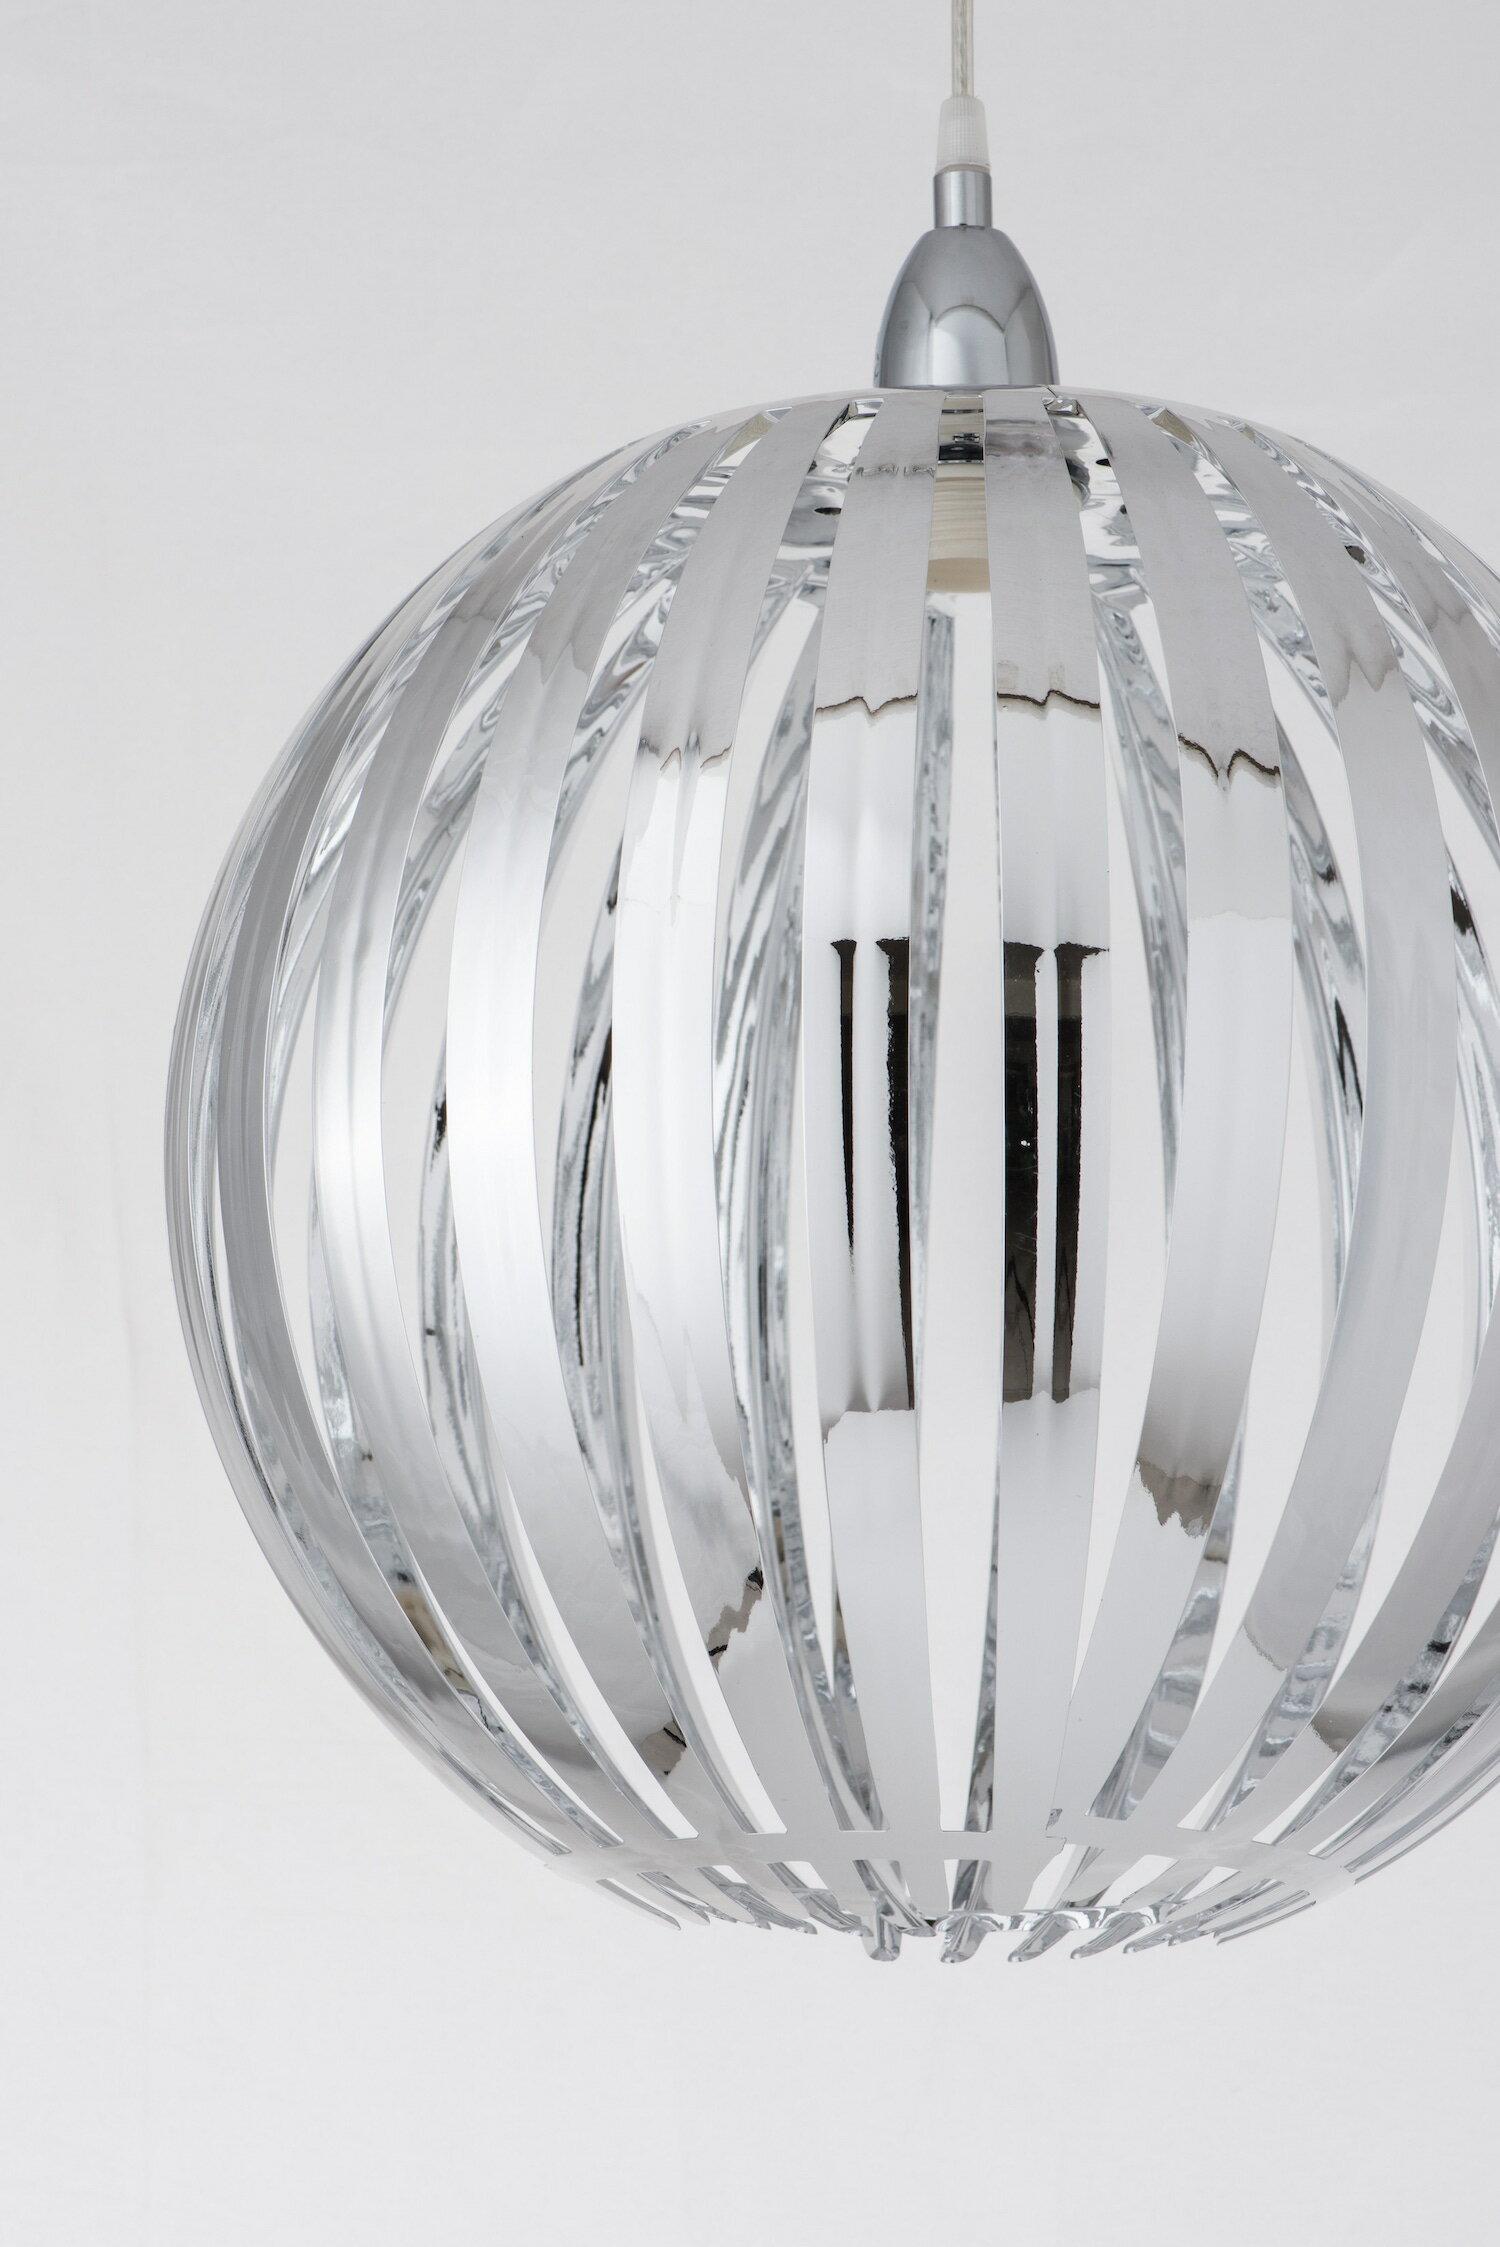 鍍鉻條圓形吊燈-BNL00054 6